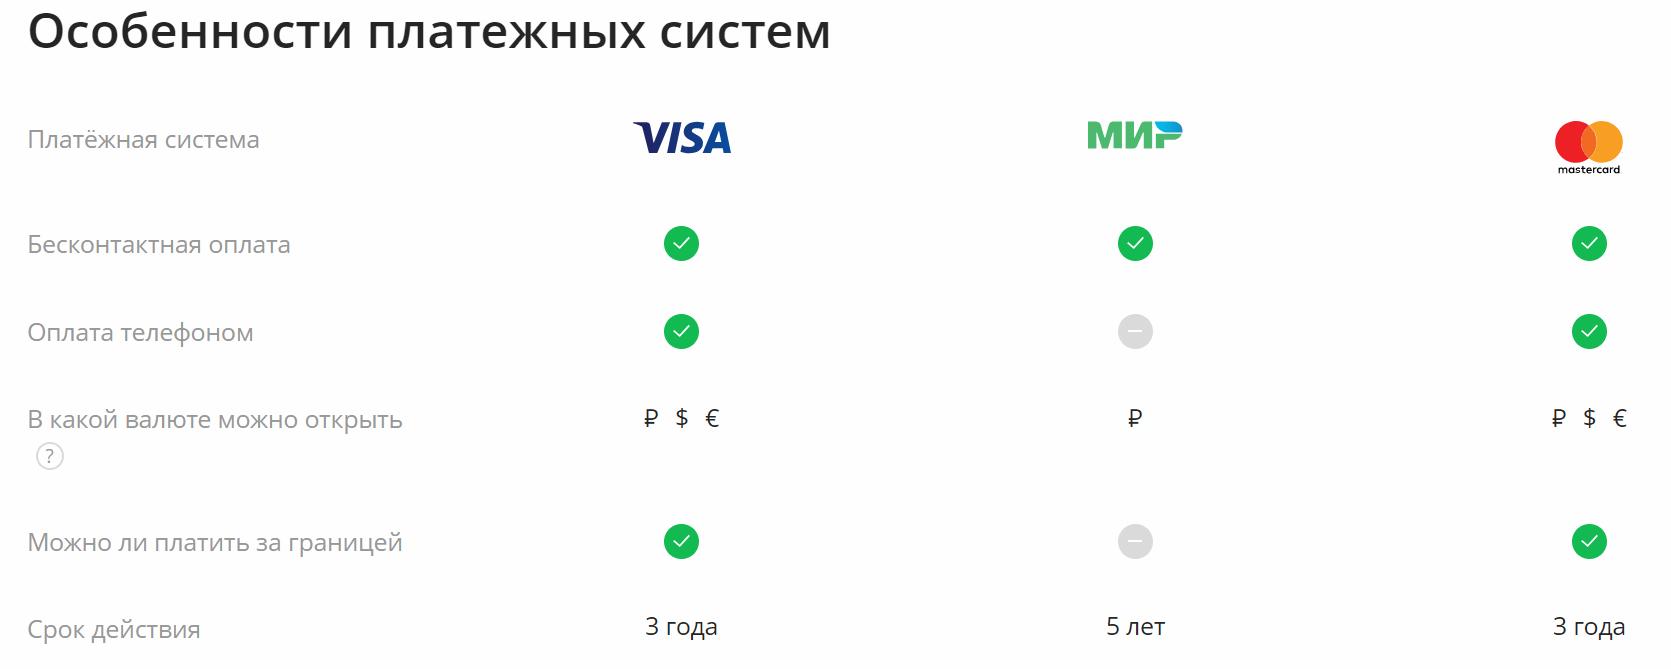 Особенности платежных систем-золотая